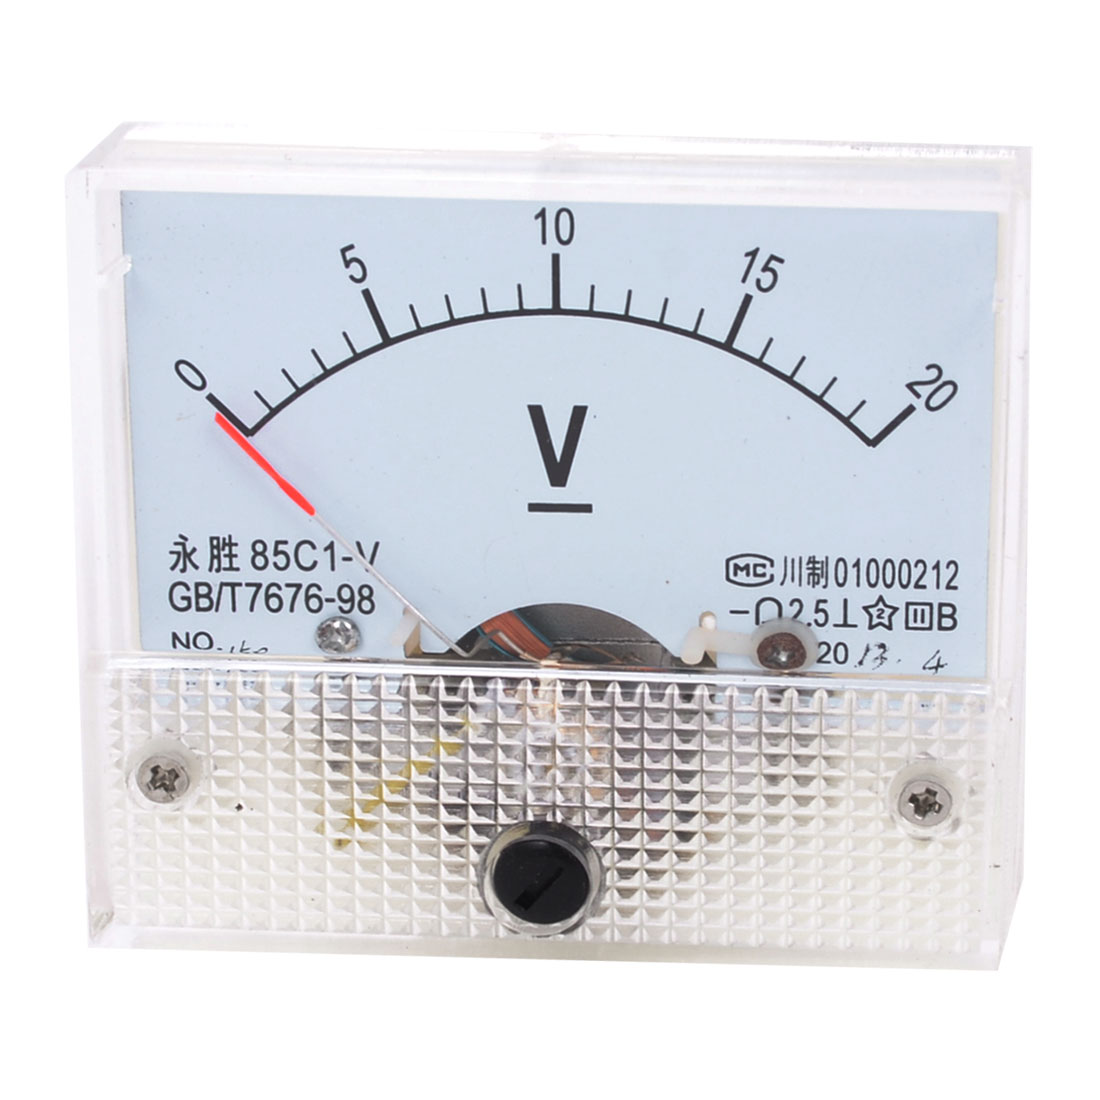 85C1-V DC 0-20V Rectangle Analog Panel Volt Meter Voltmeter Gauge